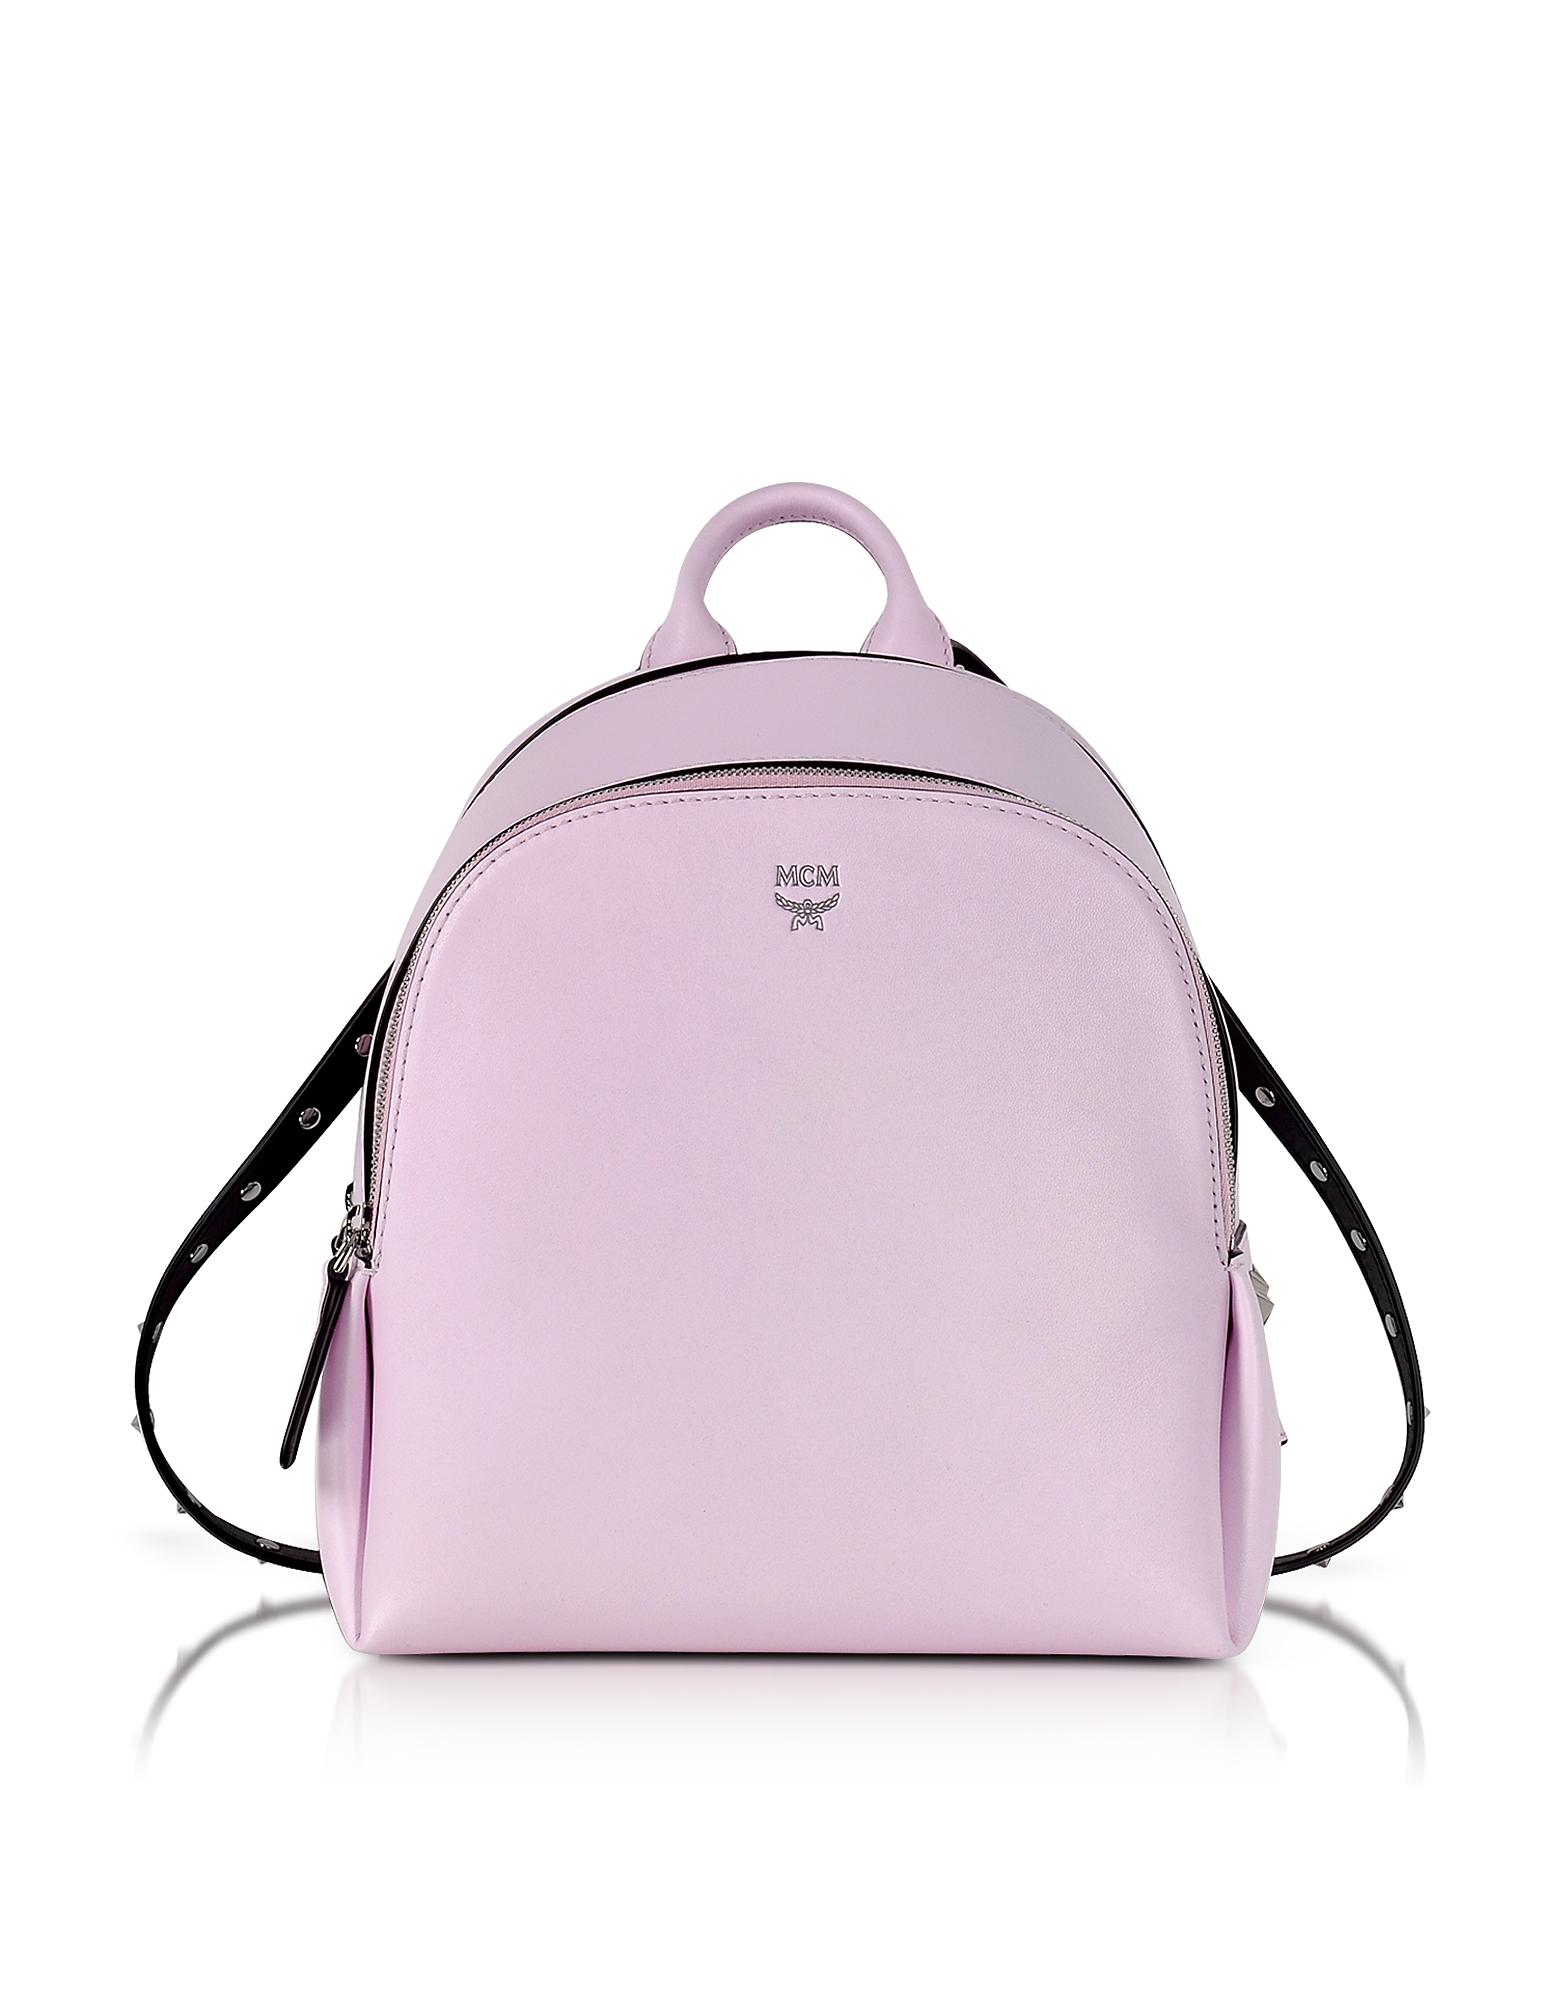 Фото Маленький Розовый Кожаный Рюкзак с Круглыми Заклепками. Купить с доставкой